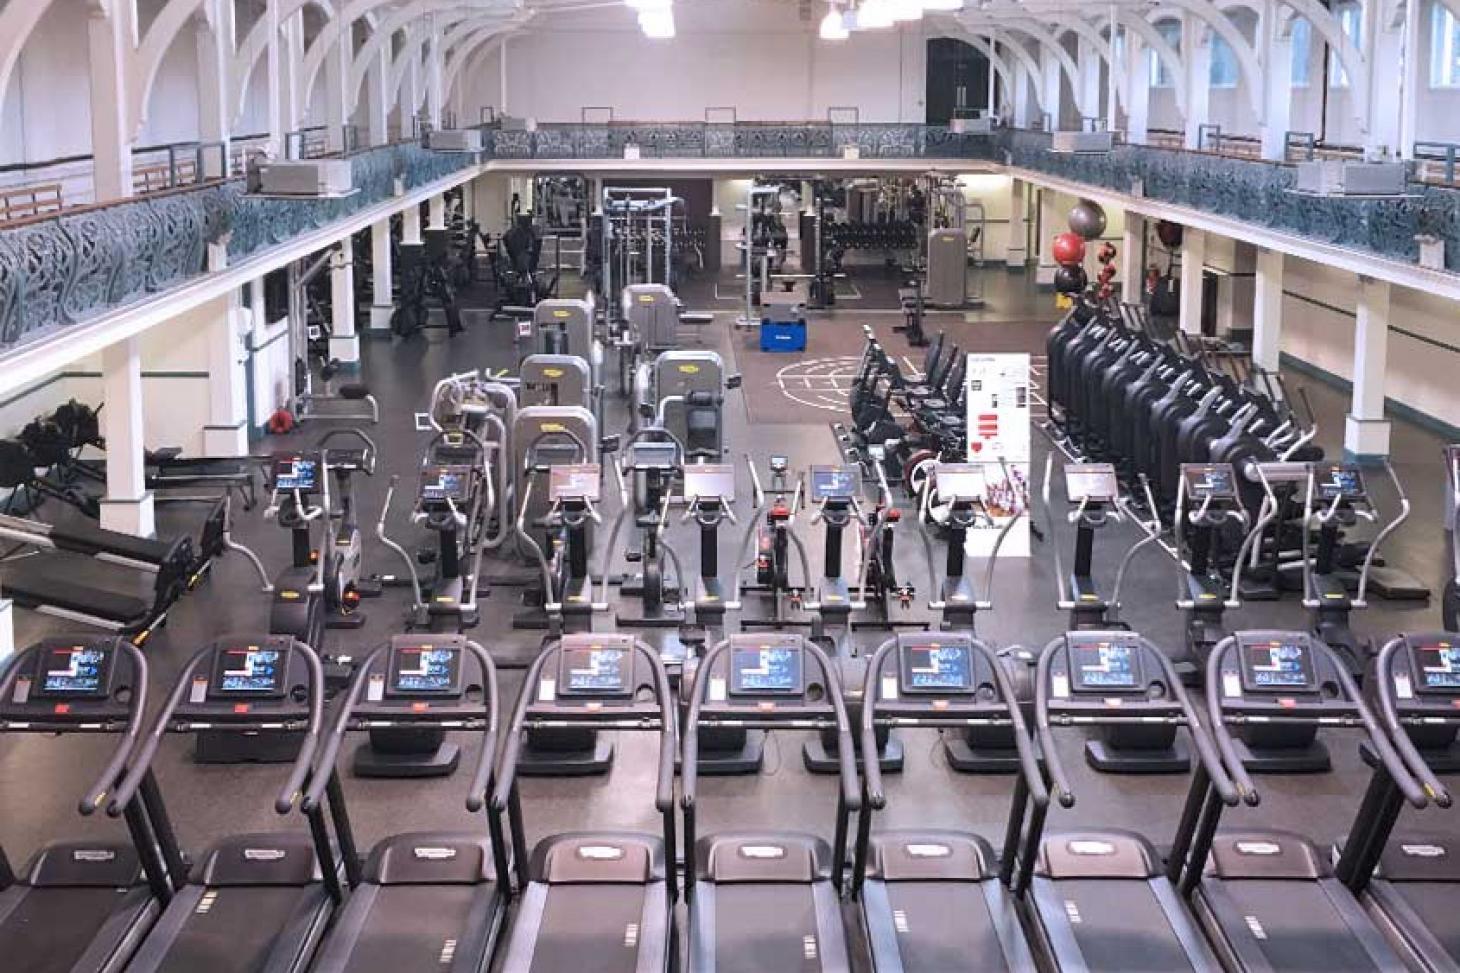 Dulwich Leisure Centre Gym gym